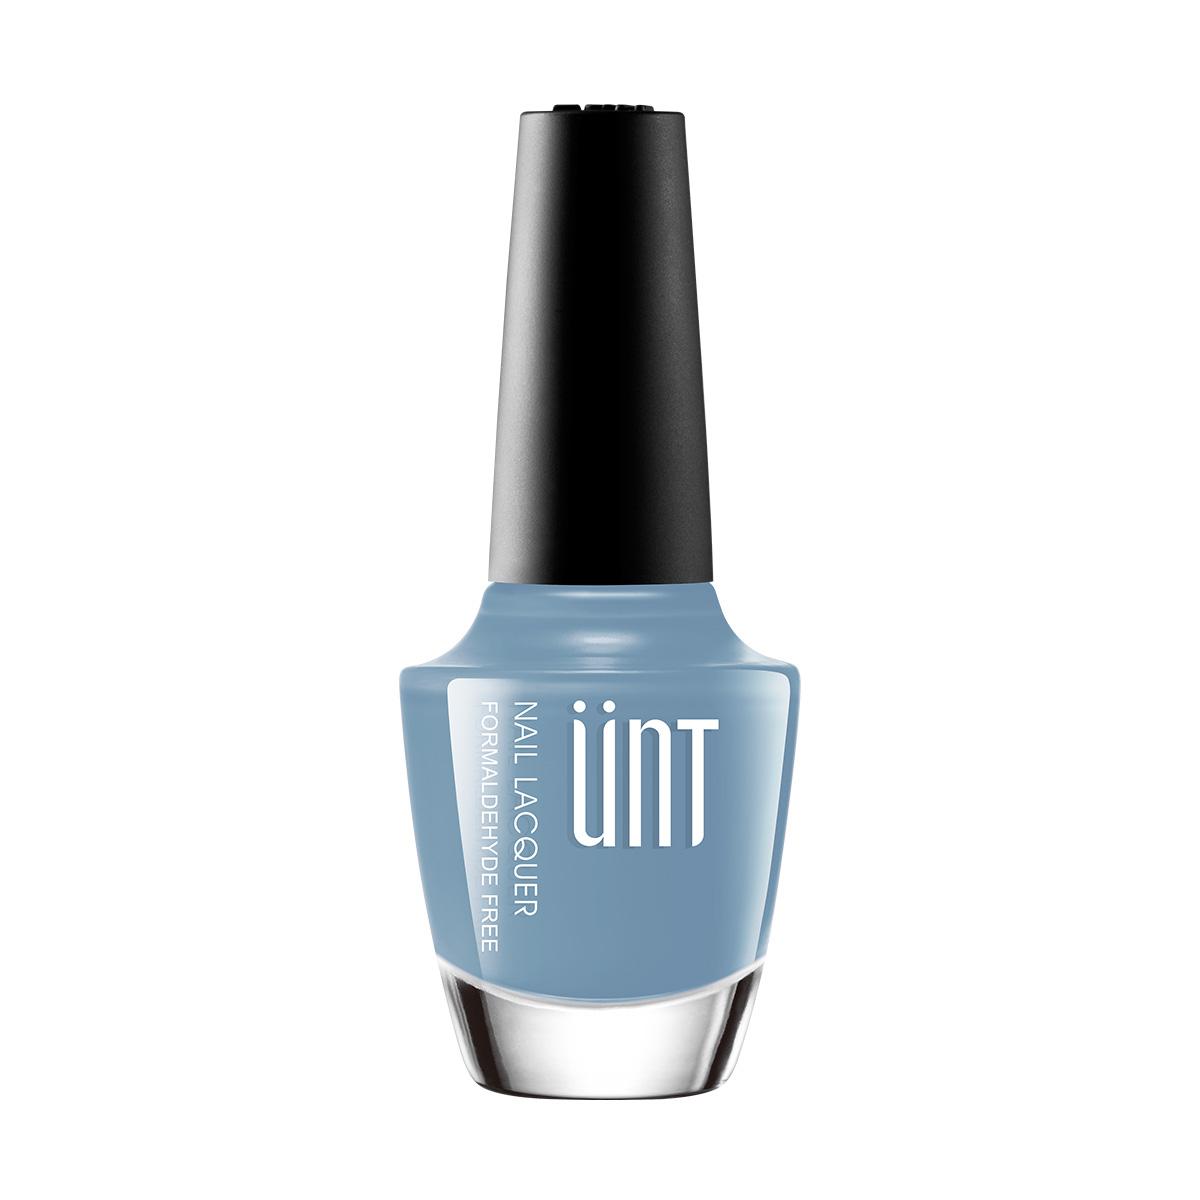 玩美持色指甲油-LJ141 看不出的平靜